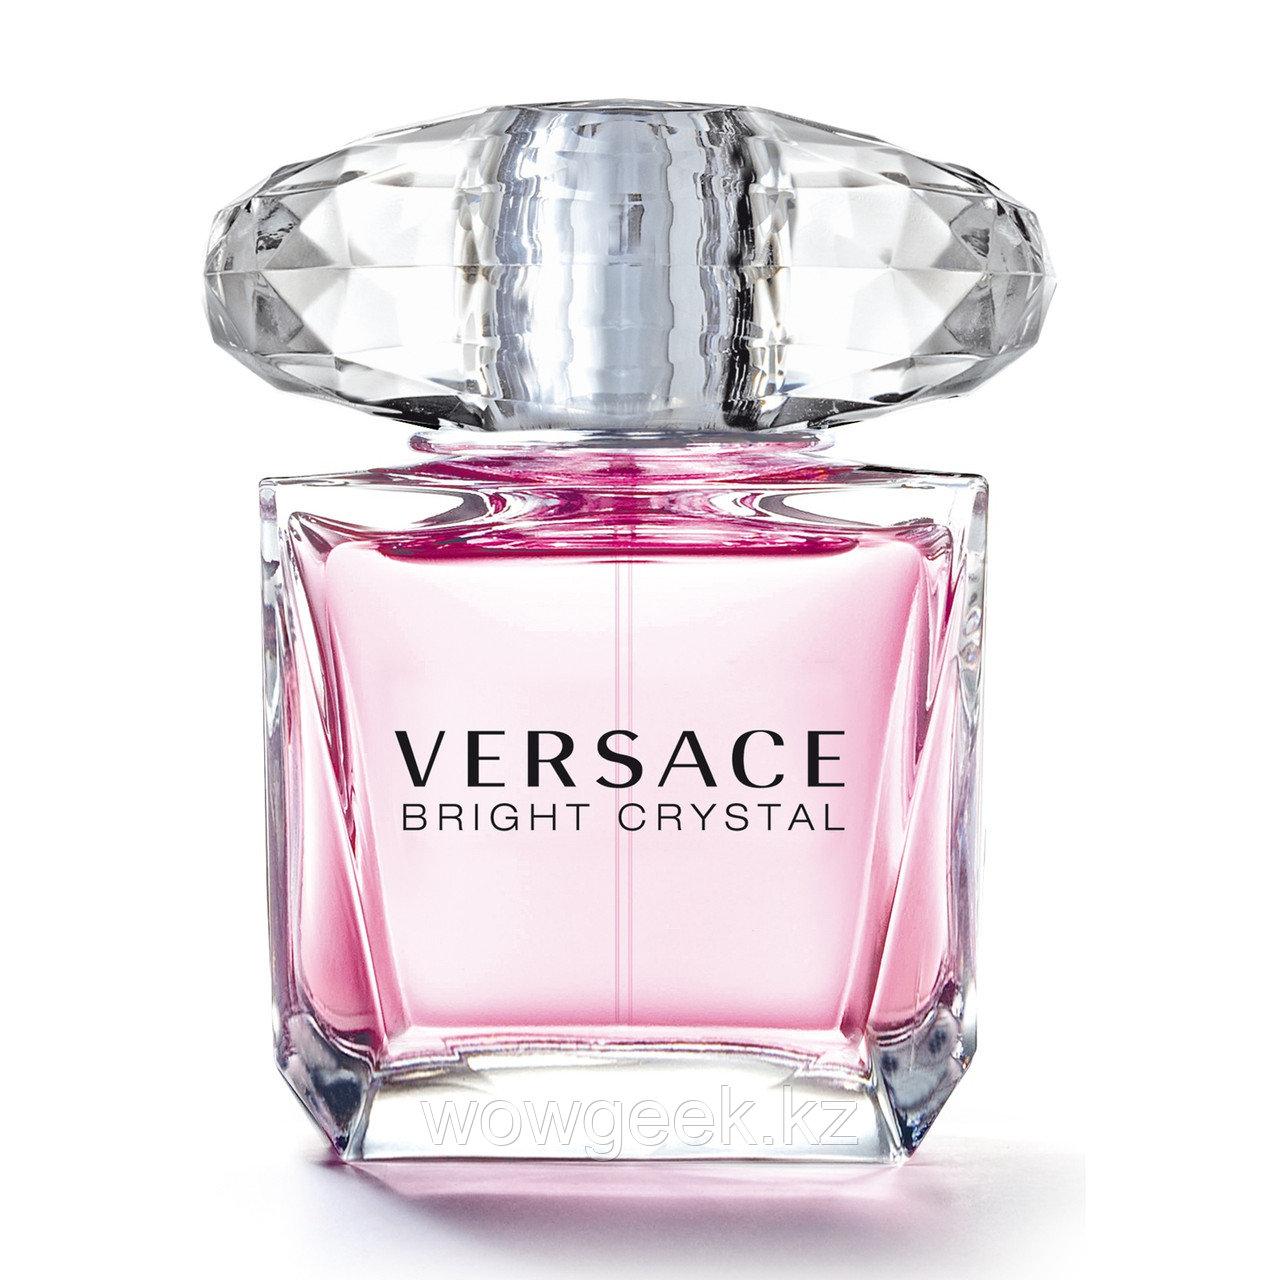 Туалетная вода Versace Cryctal Bright for women